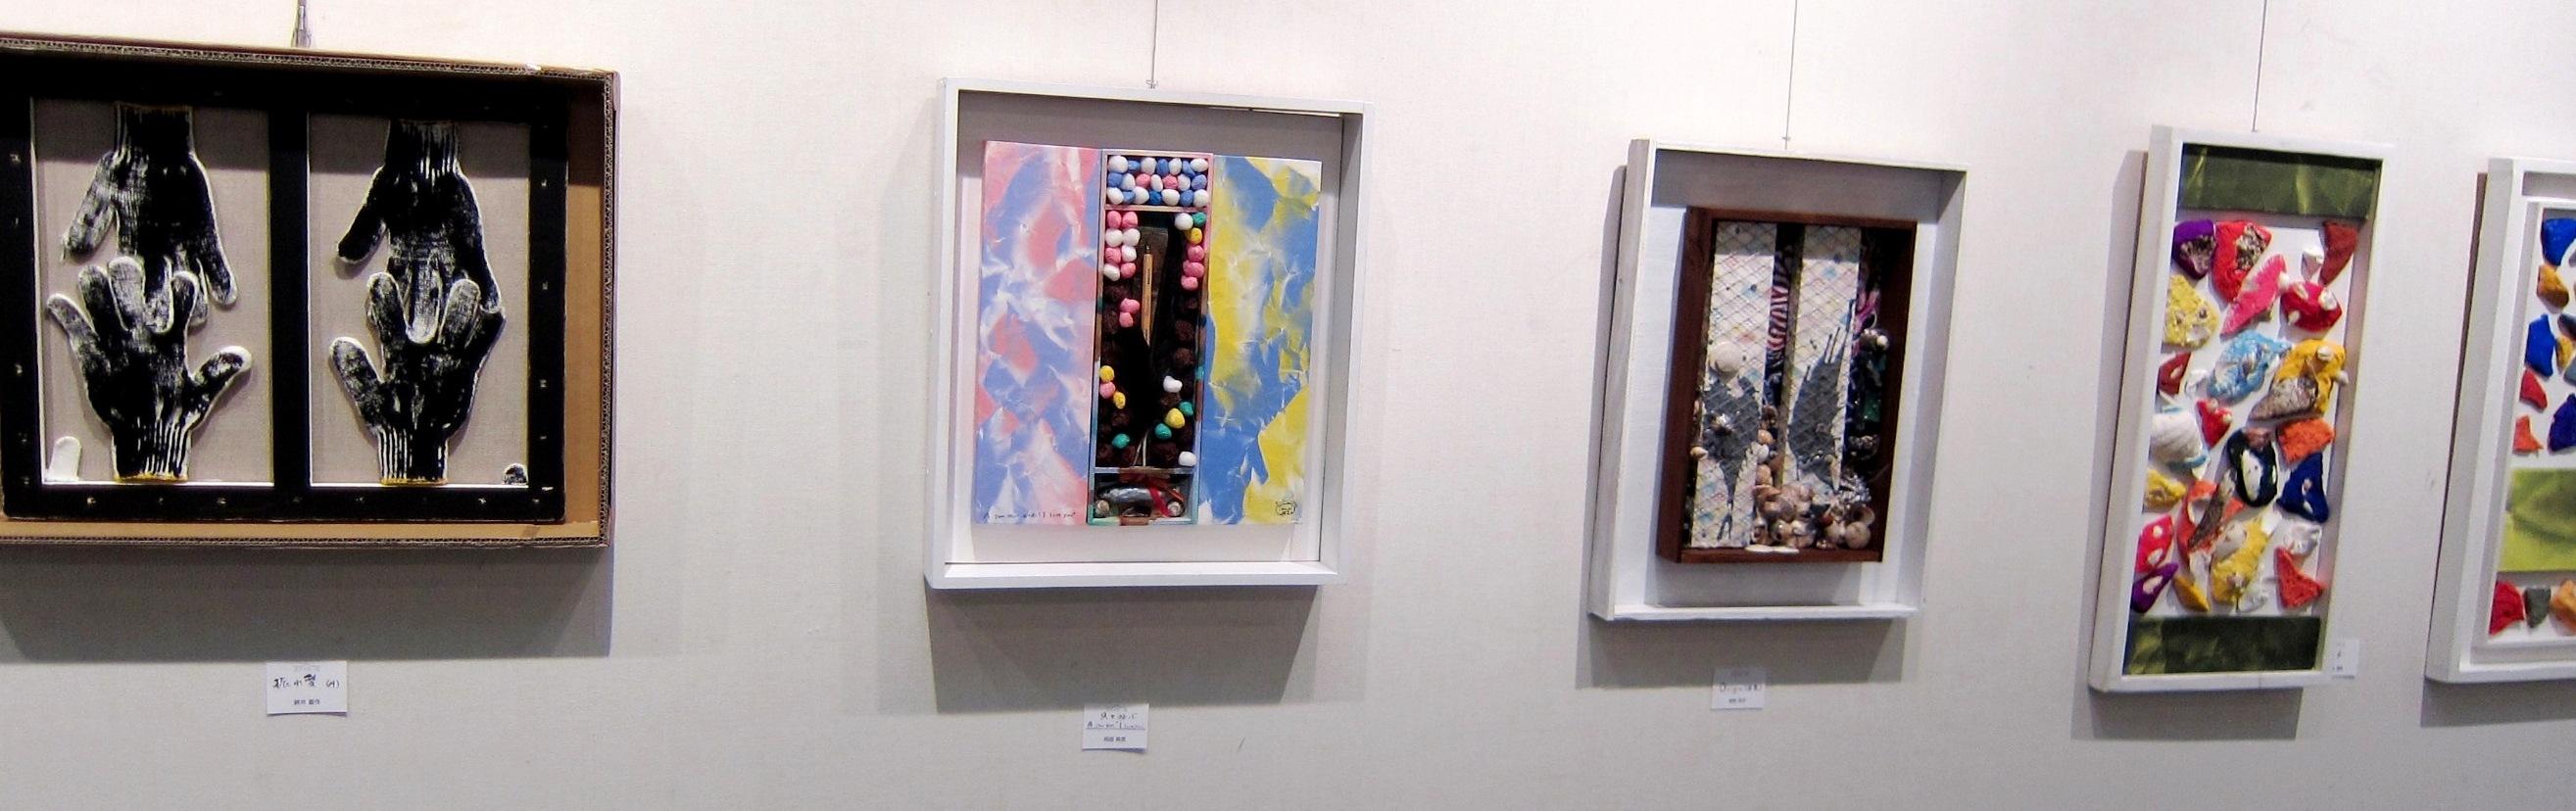 2156)「日本美術家連盟北海道地区 アーティストによる拡げる表現展」スカイ. 終了8月13日(火)~8月18日(日)_f0126829_11584472.jpg